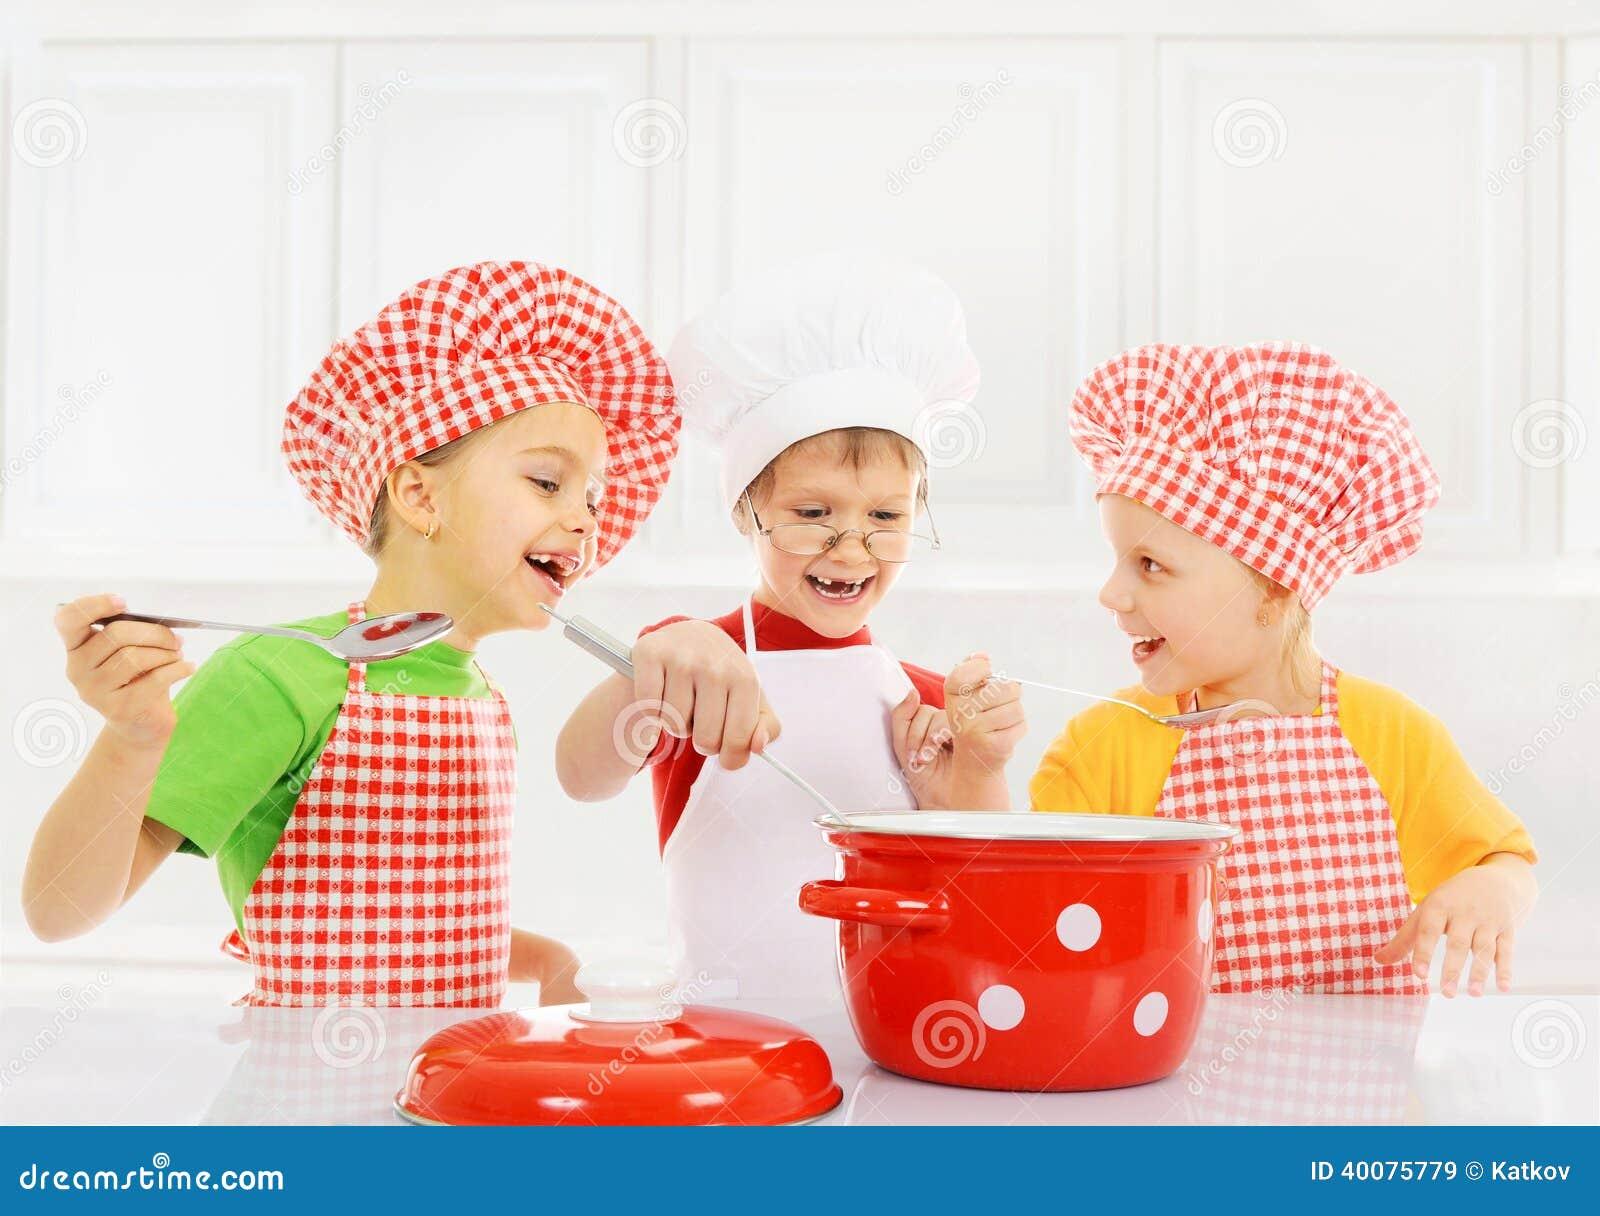 El cocinar divertido de los ni os imagen de archivo - Nina cocinando ...